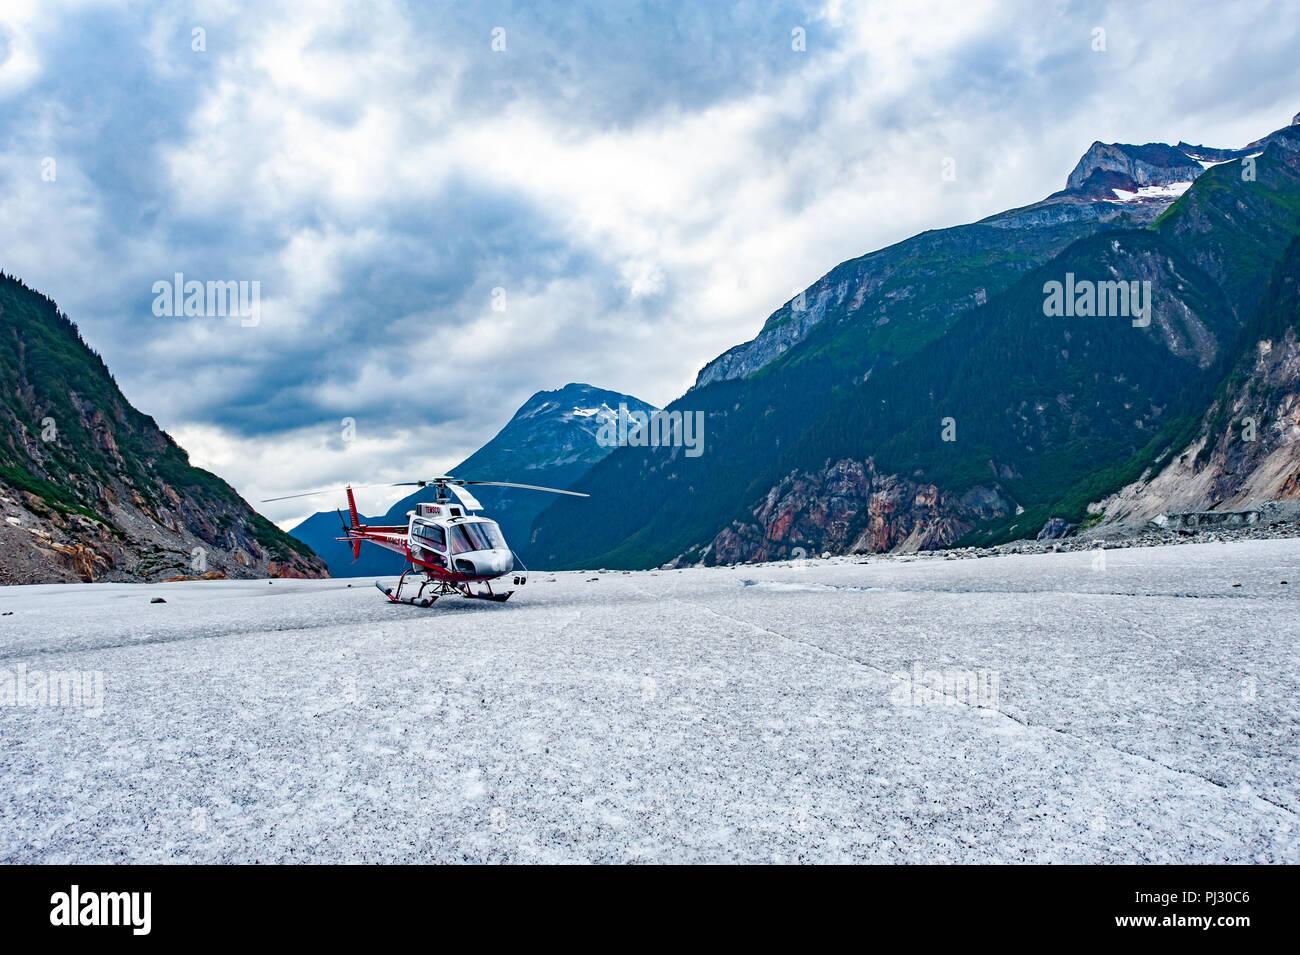 Gletscher Helikopter-tour - Juneau Alaska - ein Hubschrauber landet auf einem Gletscher während einer Kreuzfahrt Schiff Ausflug über die Juneau Icefield, Gilkey Gletscher Stockfoto